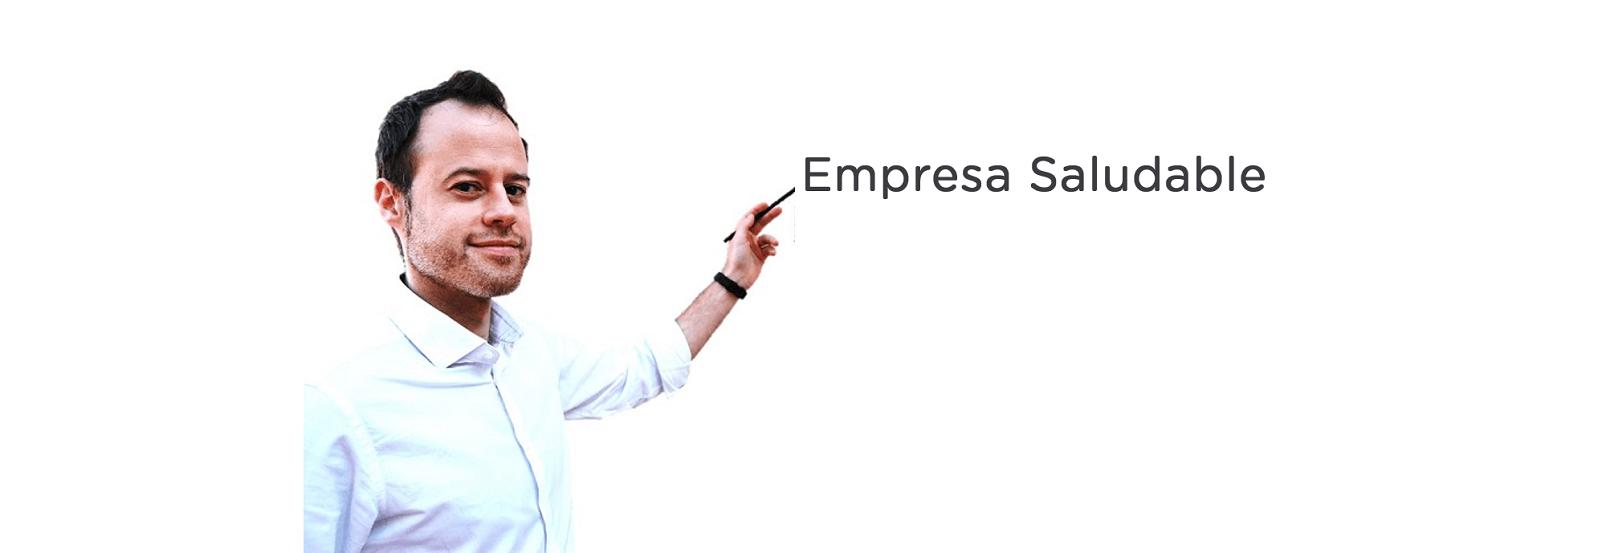 Acompañamiento Empresa Saludable